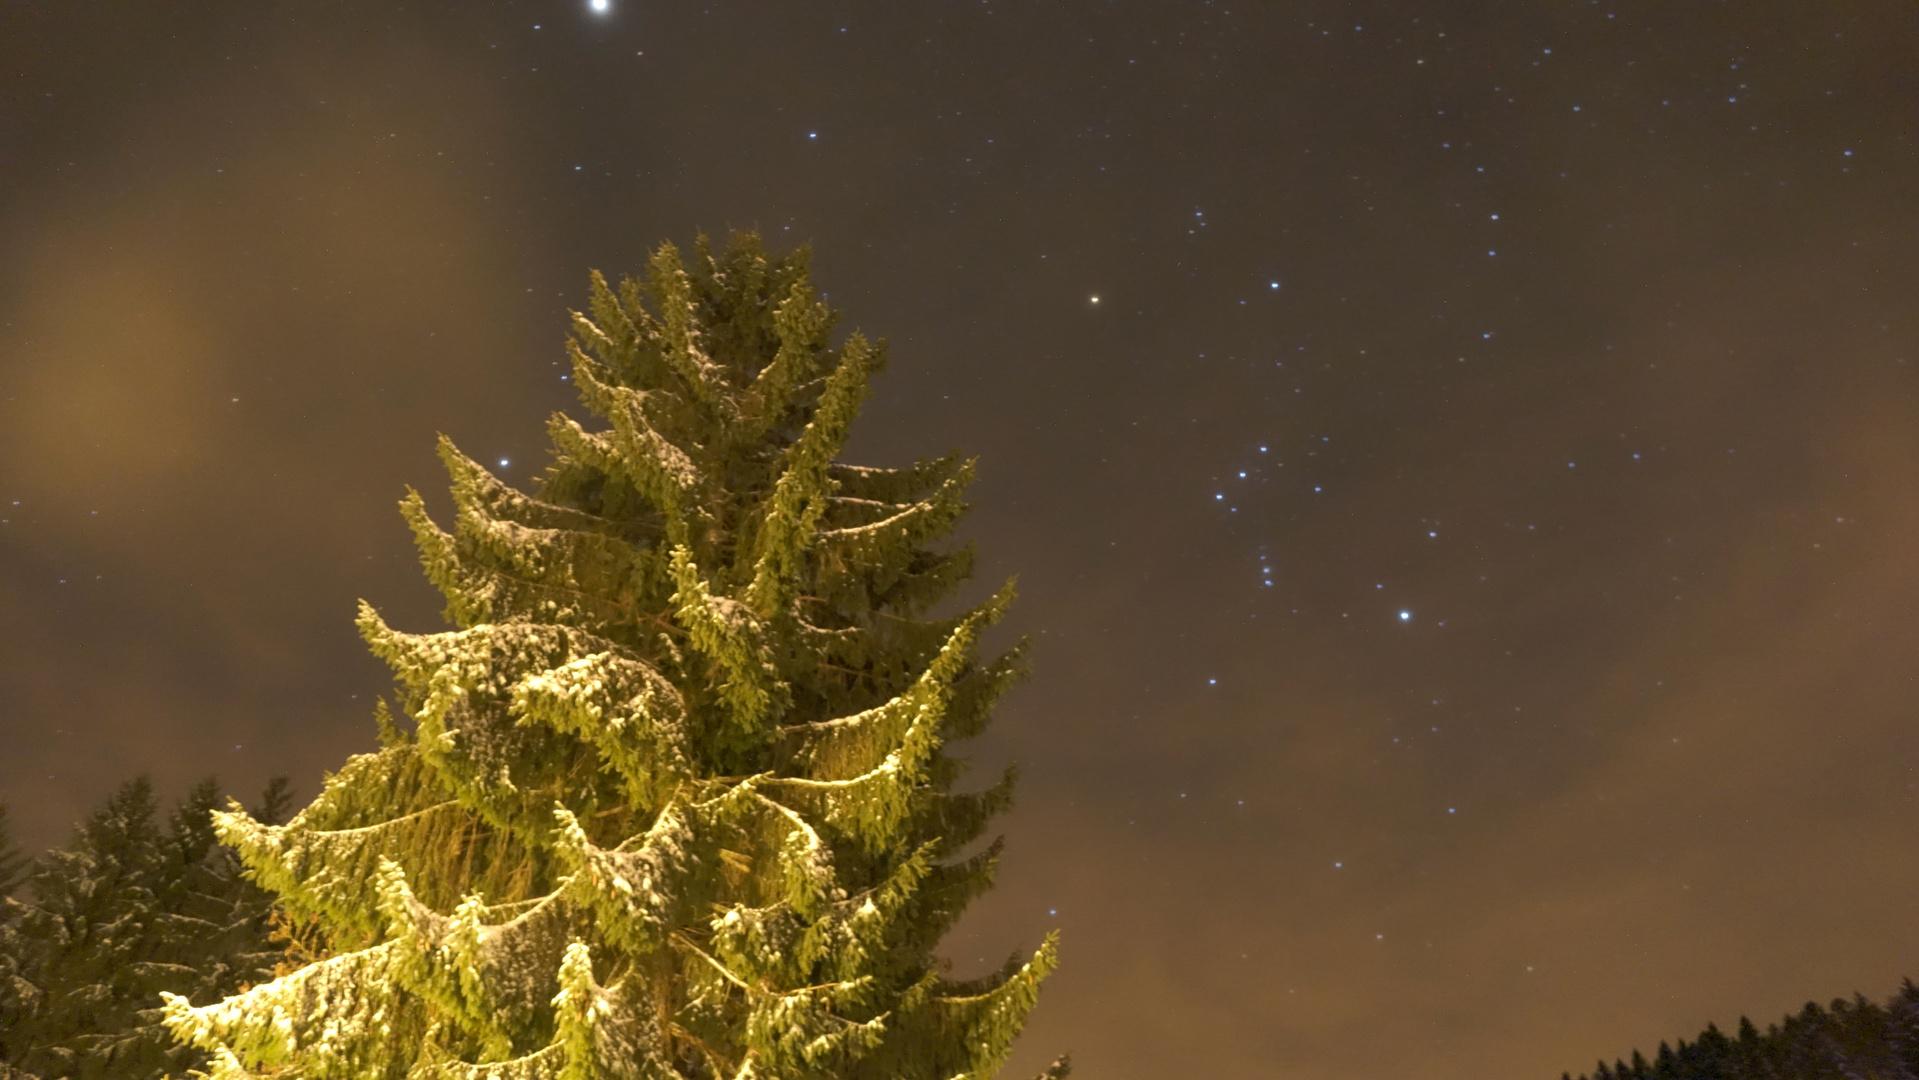 Tannenbaum im Winter bei Nacht Sylvesterabend 2013/2014